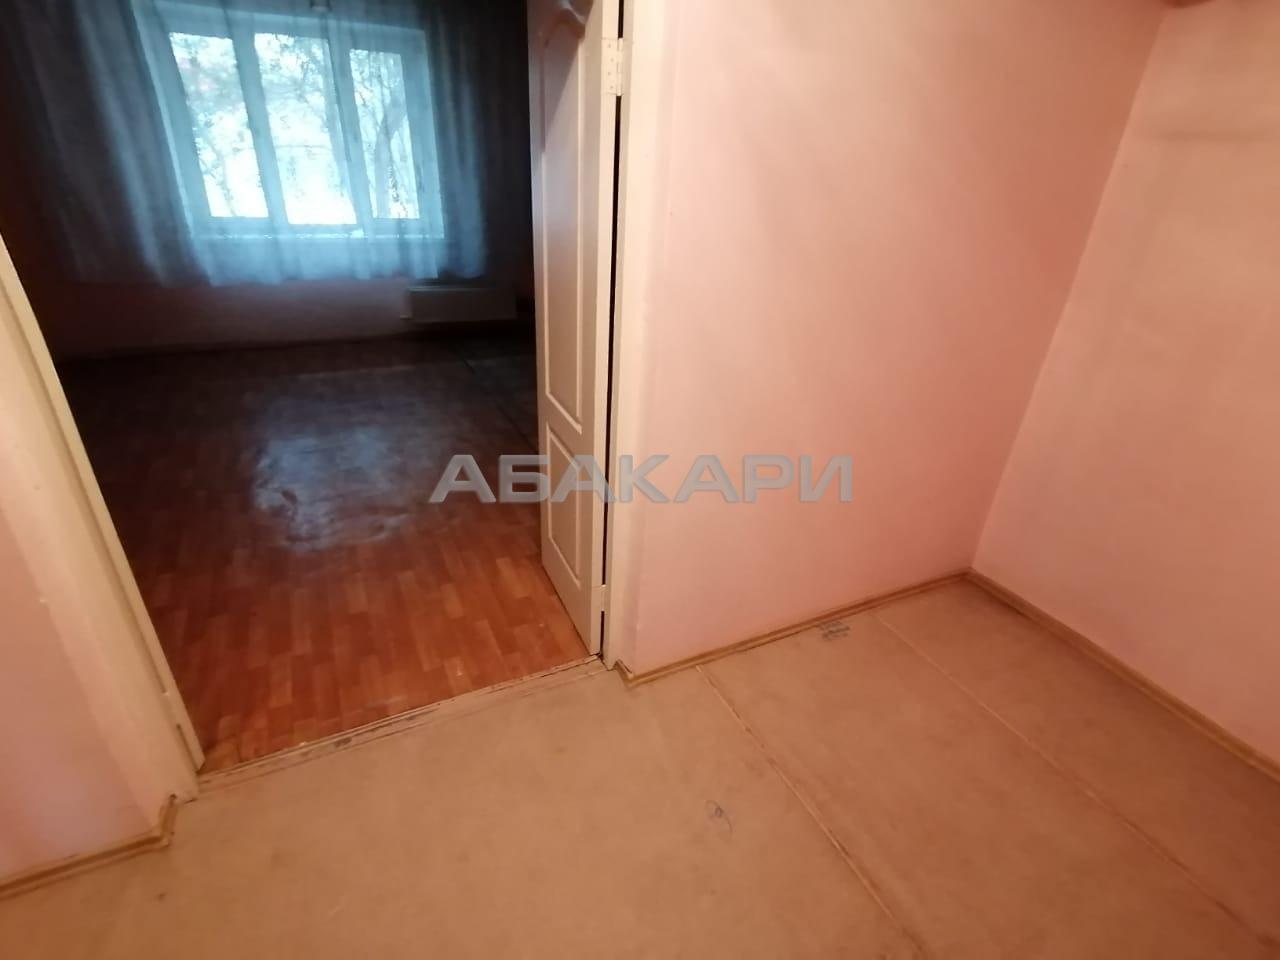 1к квартира Комсомольский проспект, 5 | 13000 | аренда в Красноярске фото 6